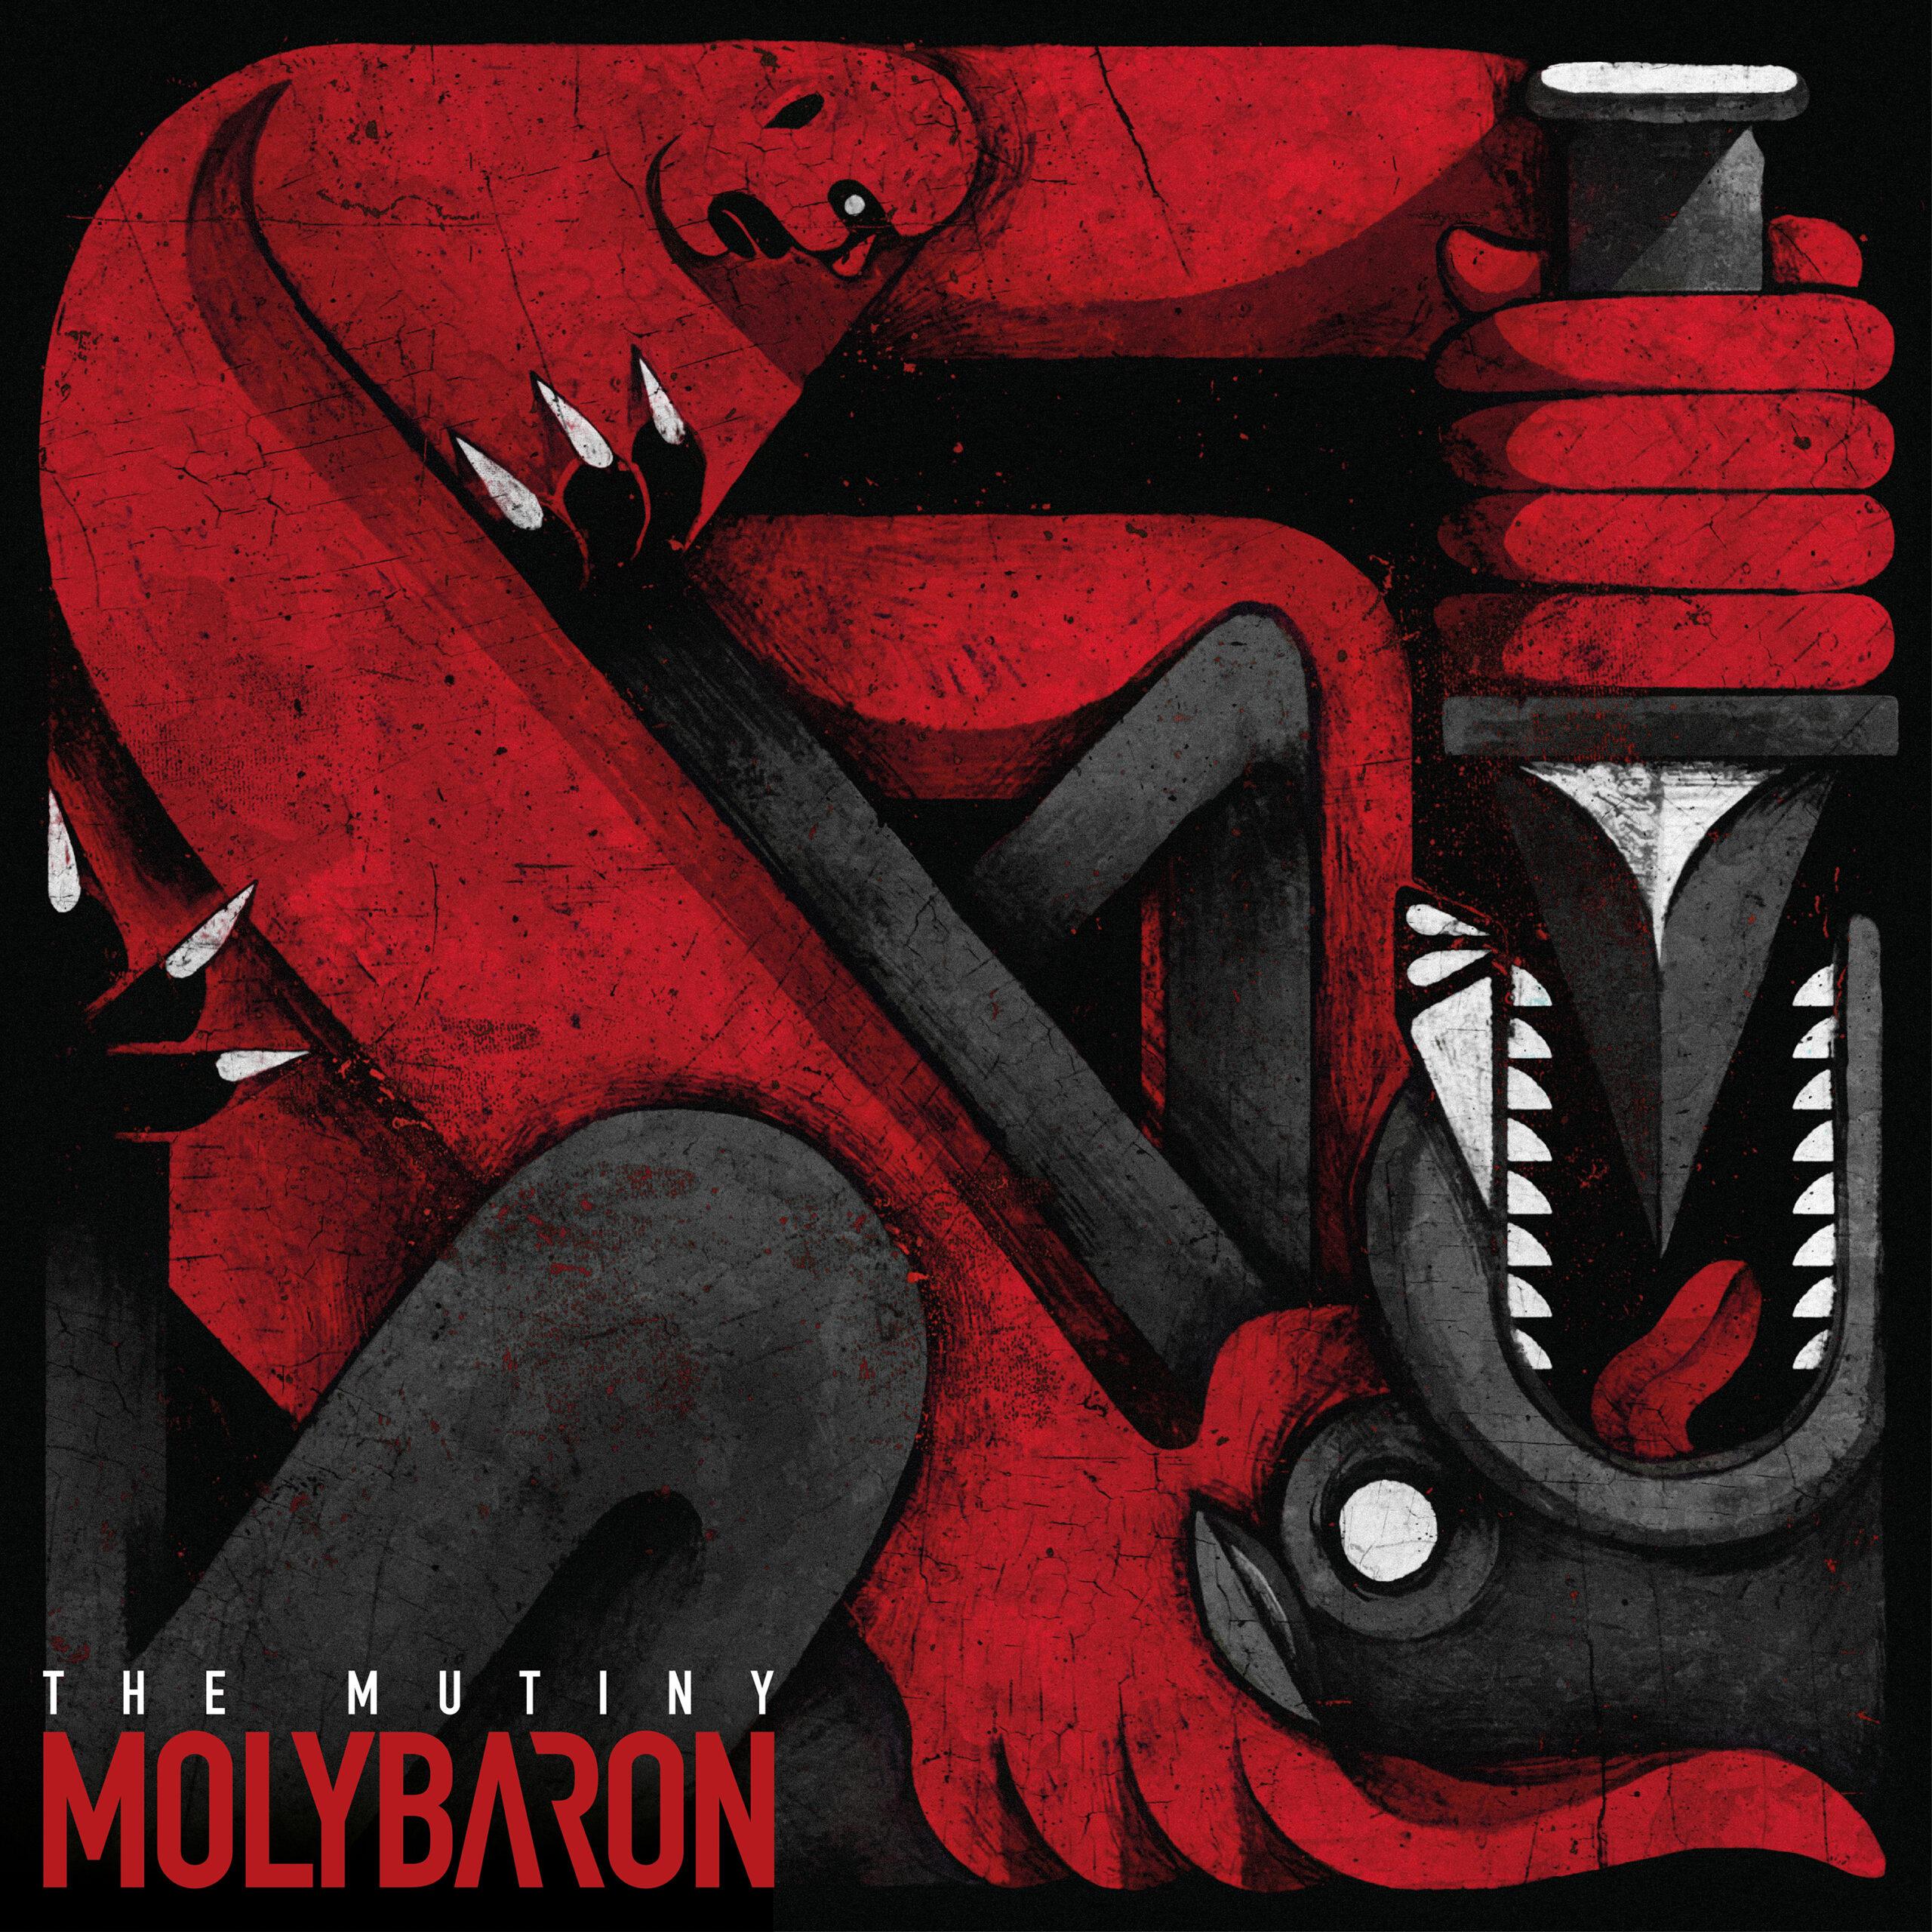 Molybaron – The Mutiny